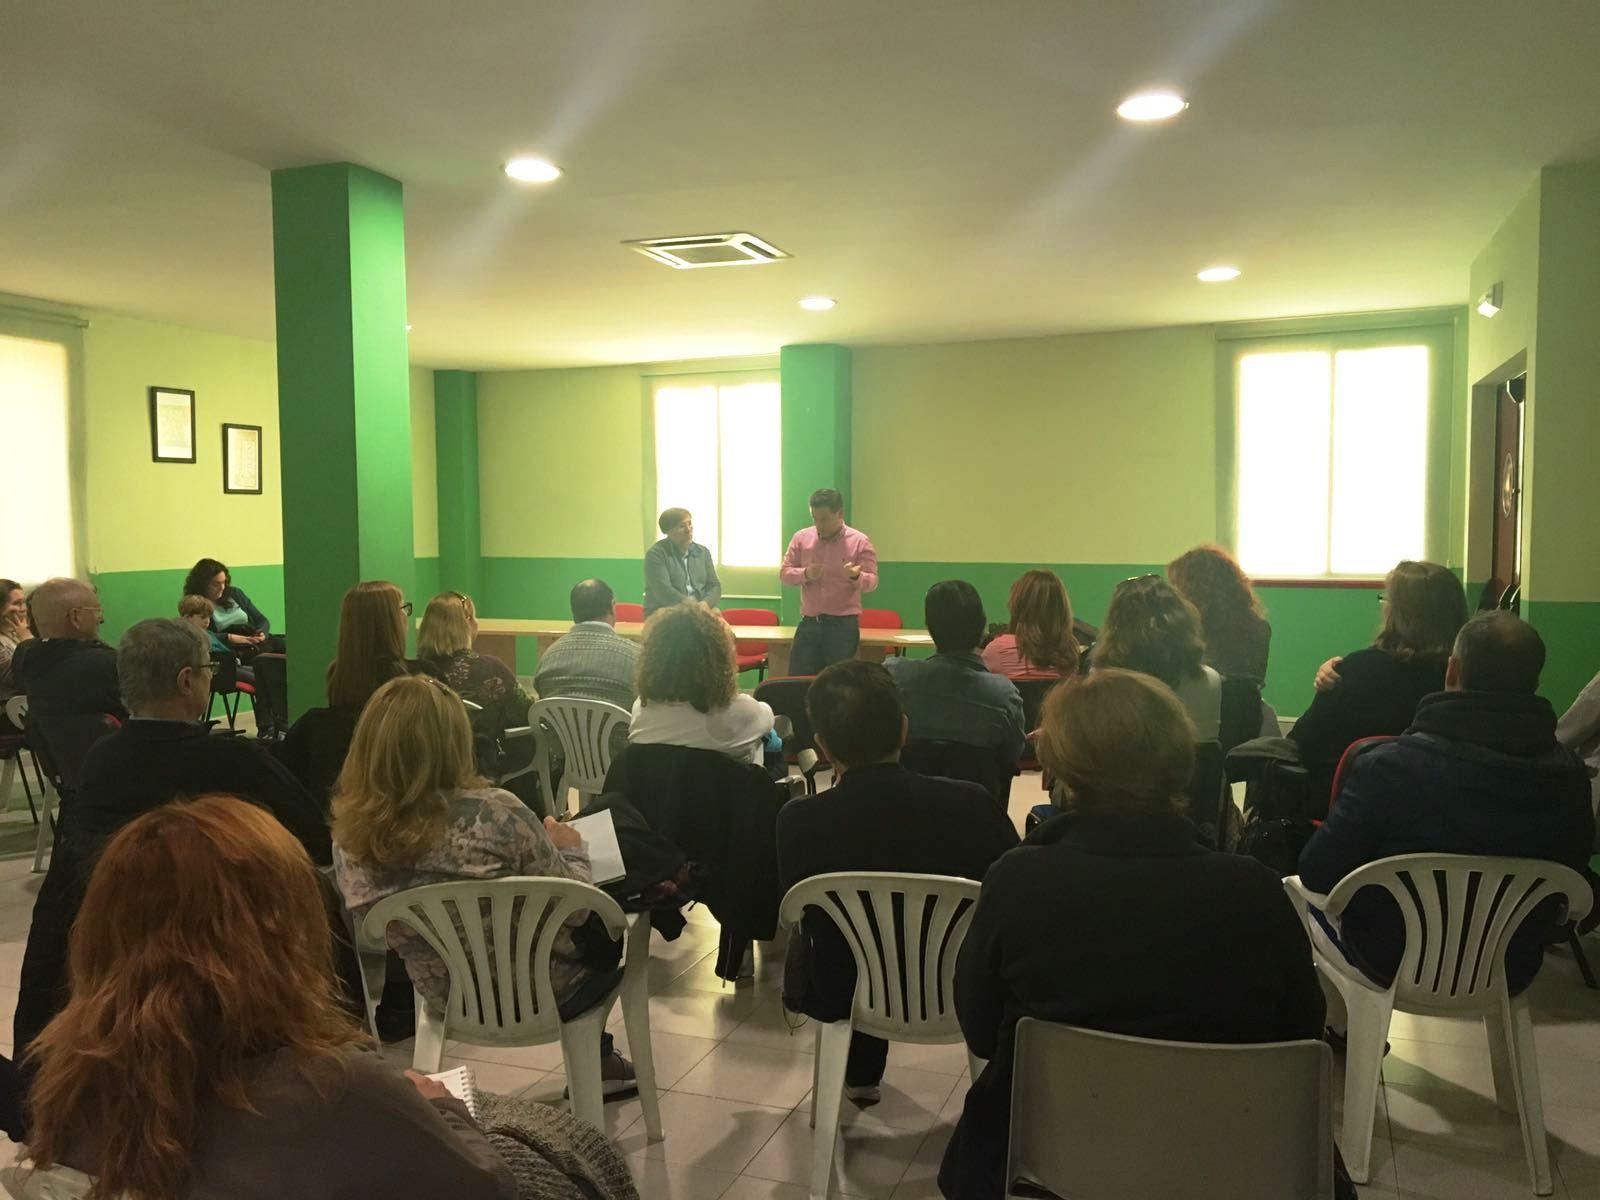 Ayer se celebró una charla informativa sobre cláusulas suelo y gastos de formalización de hipoteca en Velilla